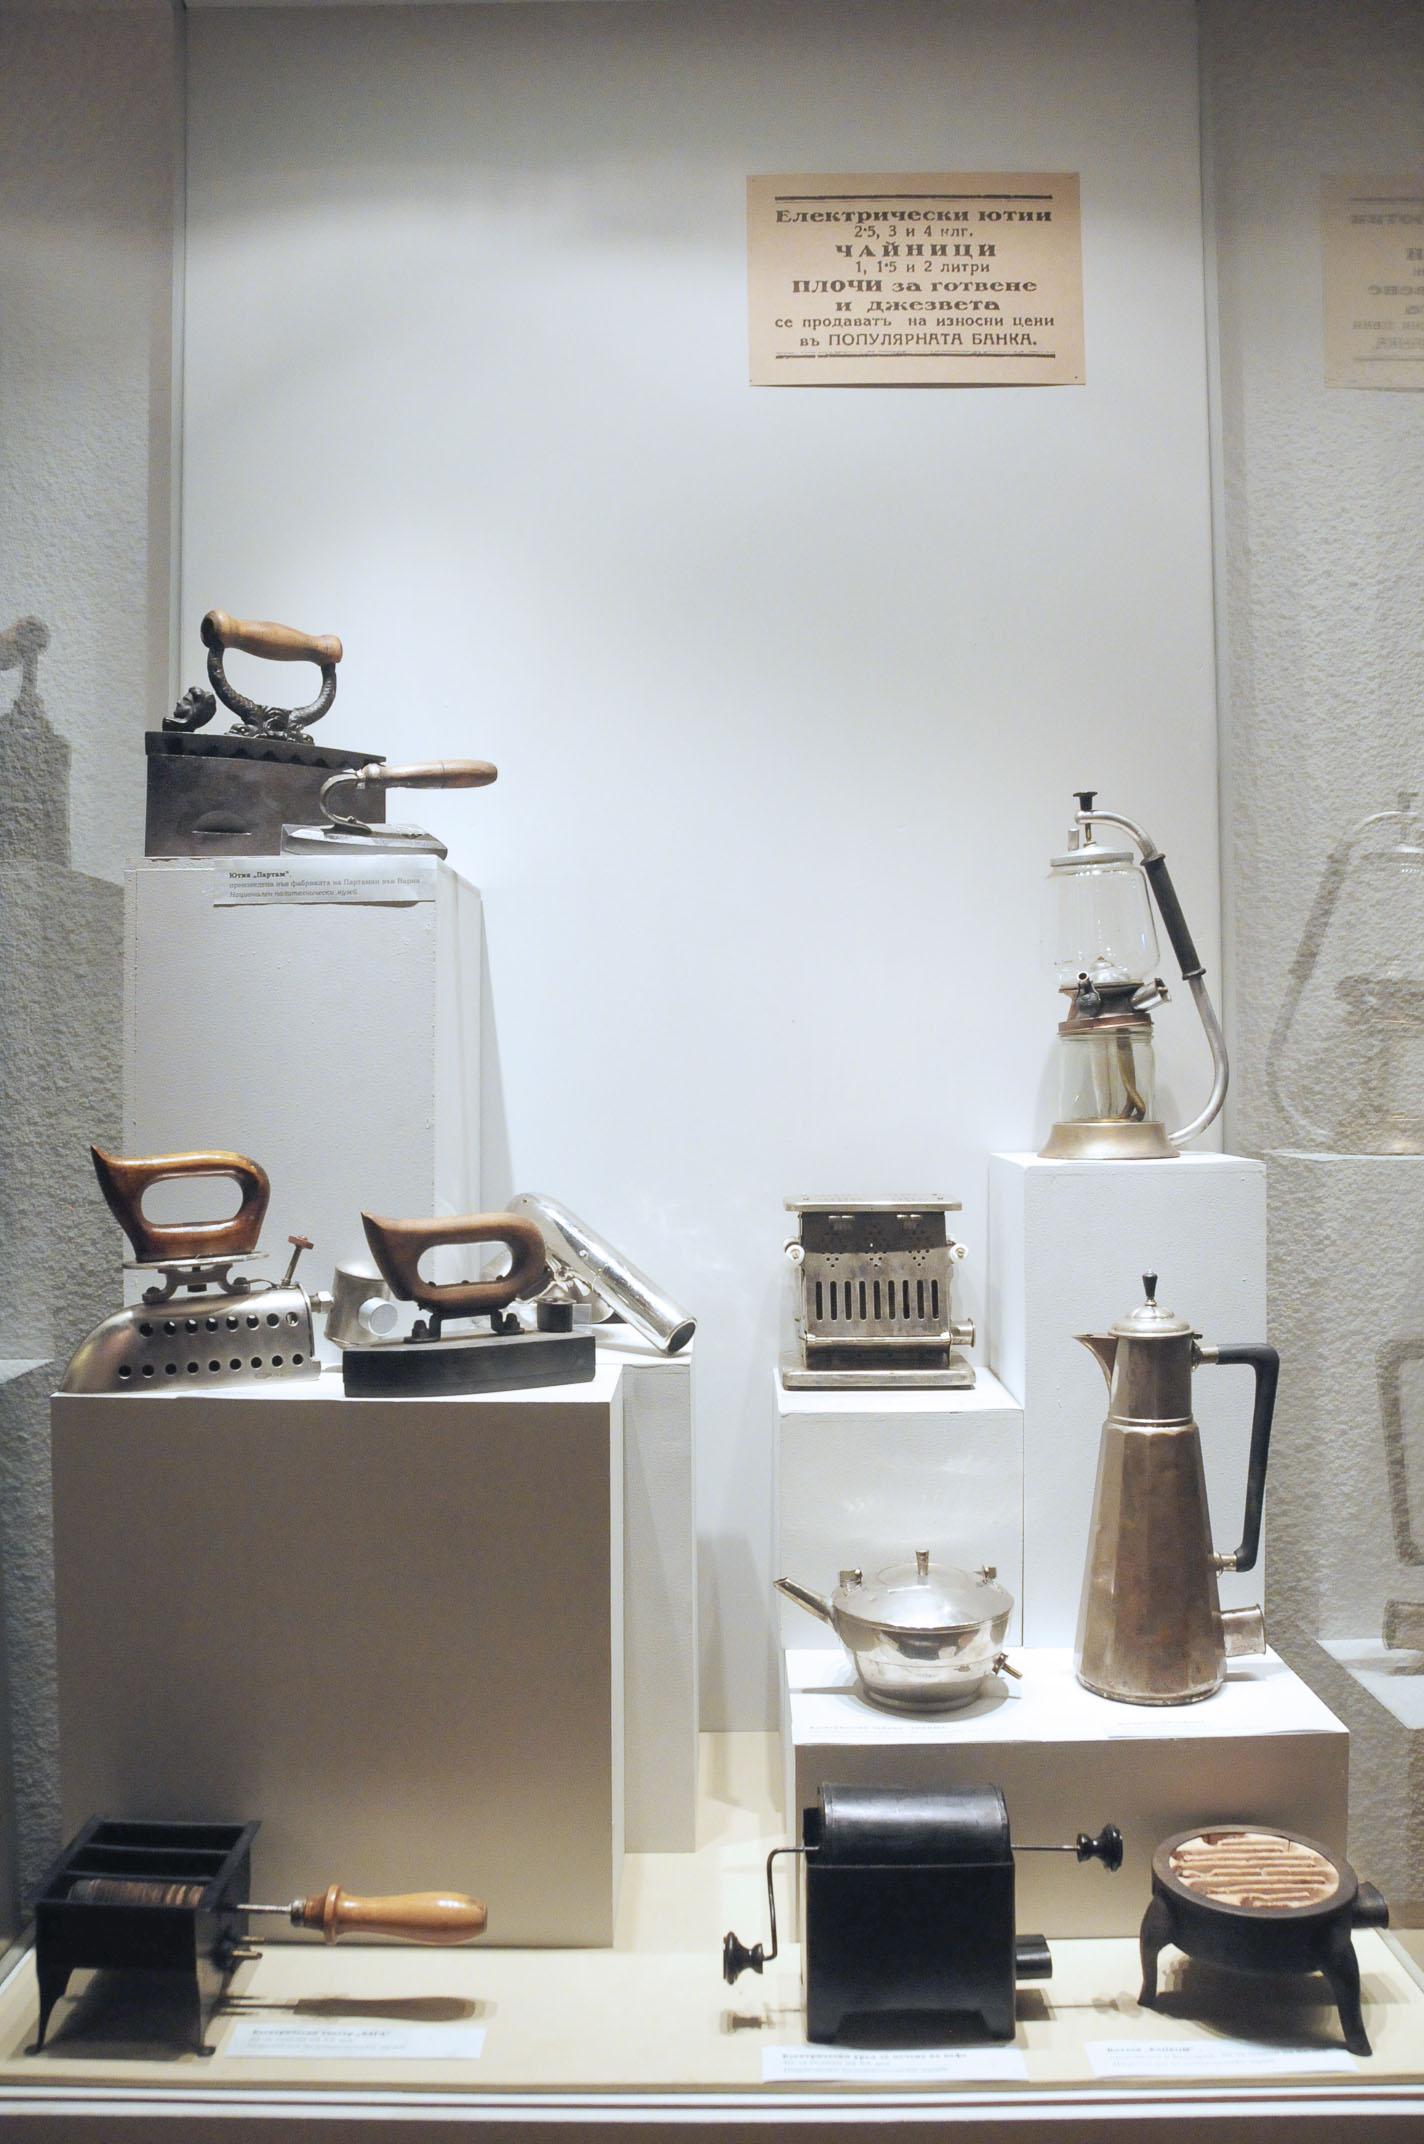 troyan-museum-elate-ni-na-gosti-17